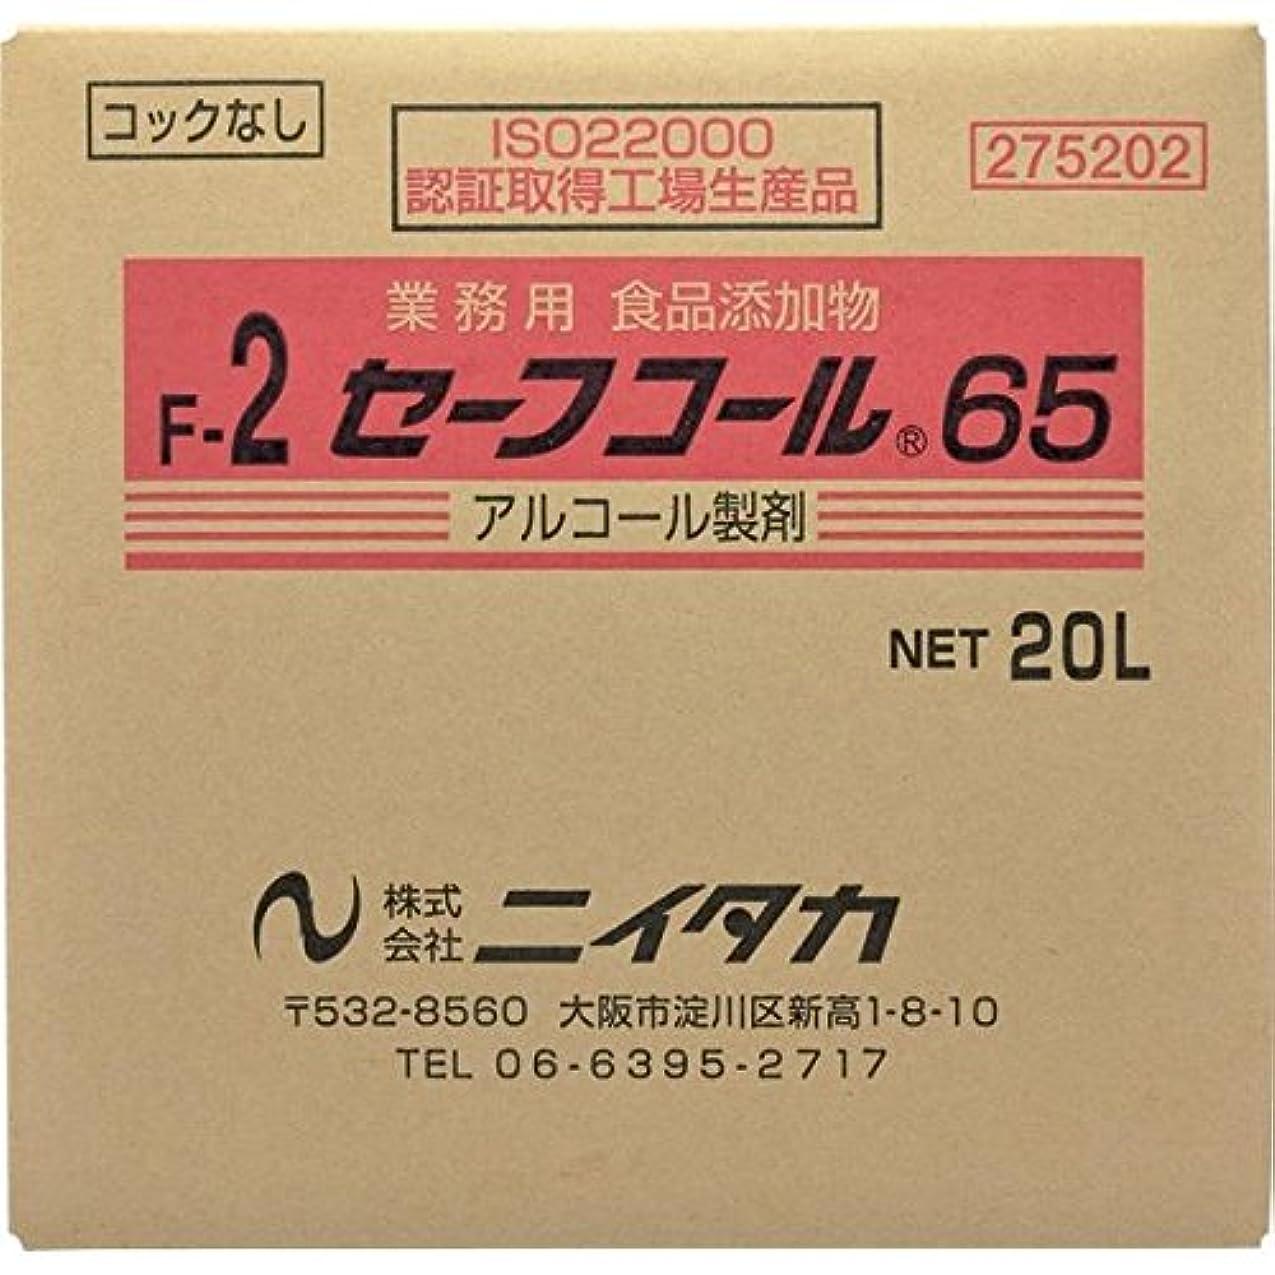 彼女パズルアレルギーニイタカ:セーフコール65(F-2) 20L(BIB) 275202